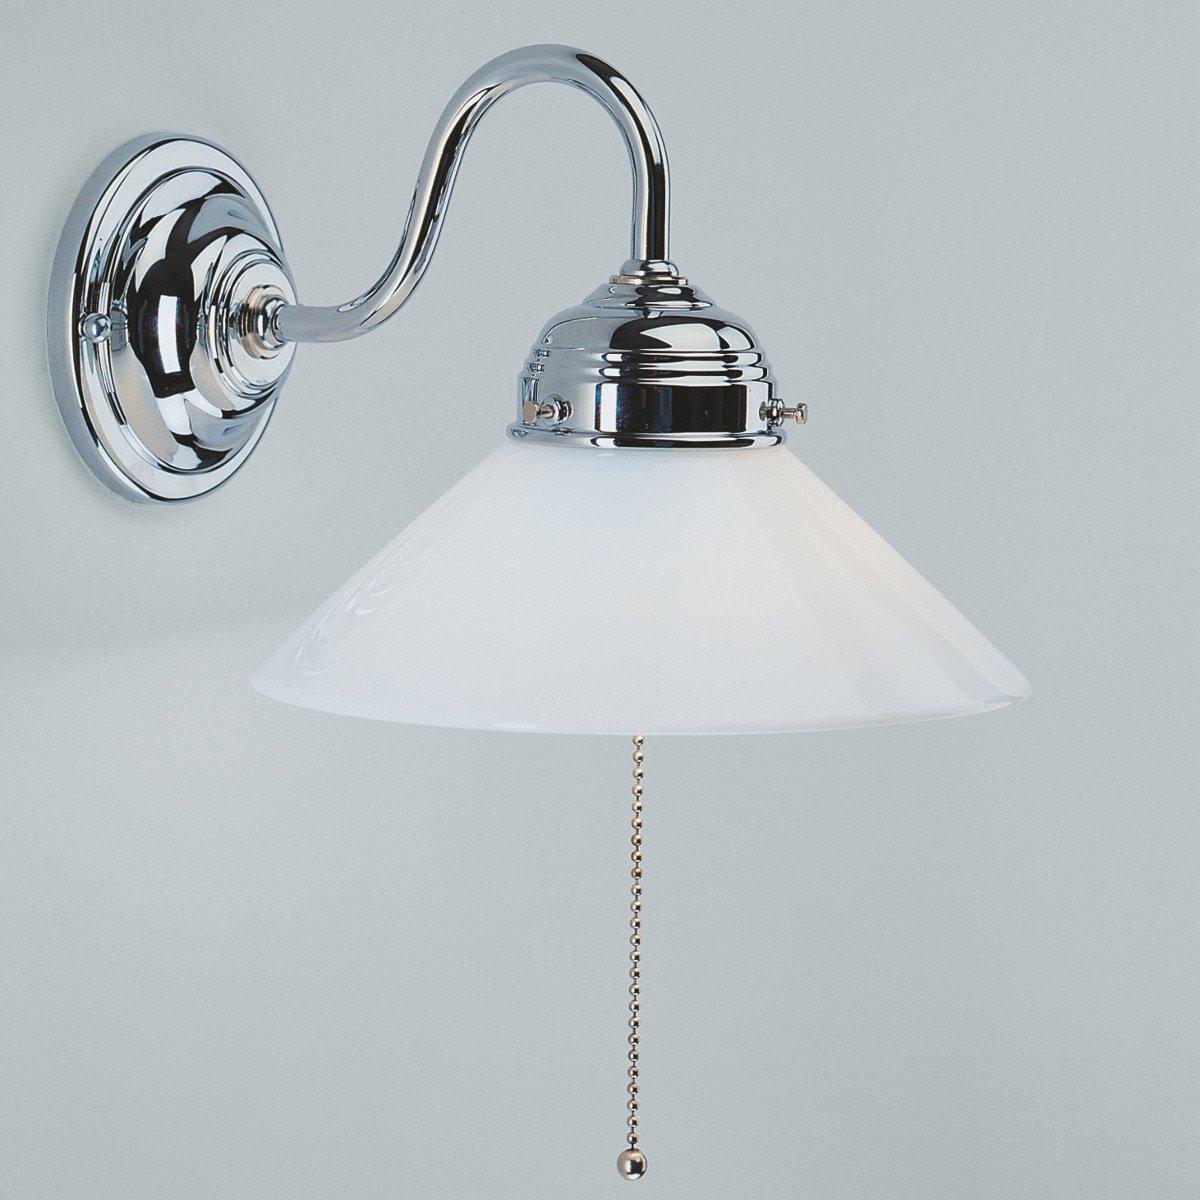 Wandlampe Mit Schalter  PAULA Wandleuchte mit Zugschalter in Messing mit weißem